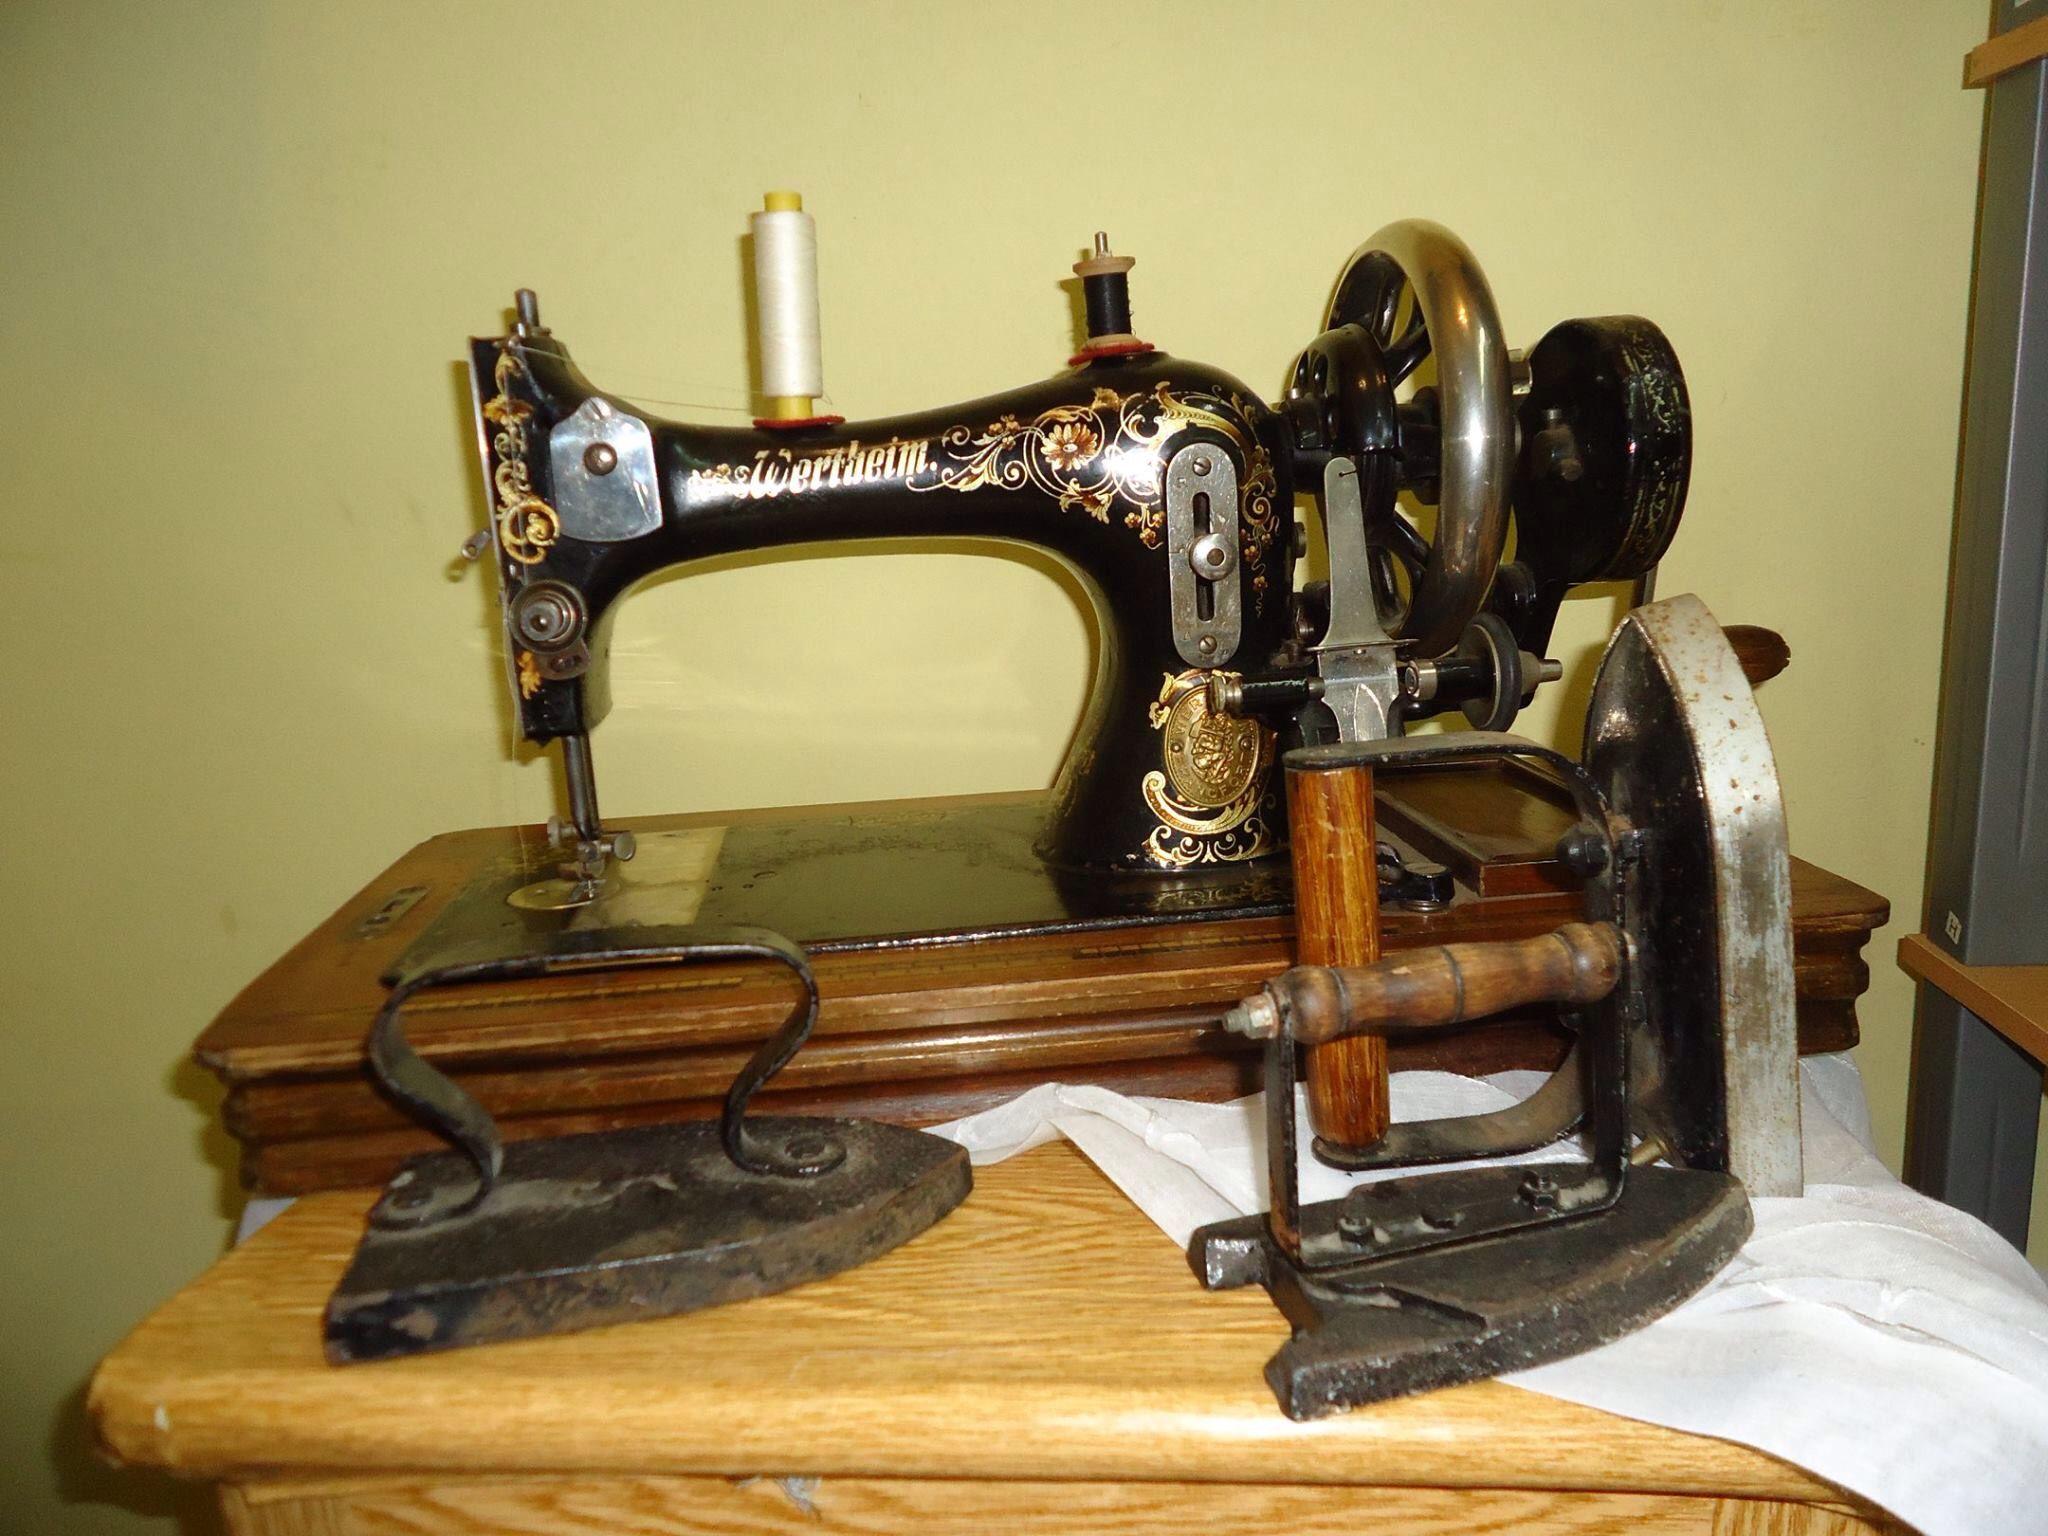 Máquina de Costura e ferros antigos. Pertenceram à avó de uma amiga.